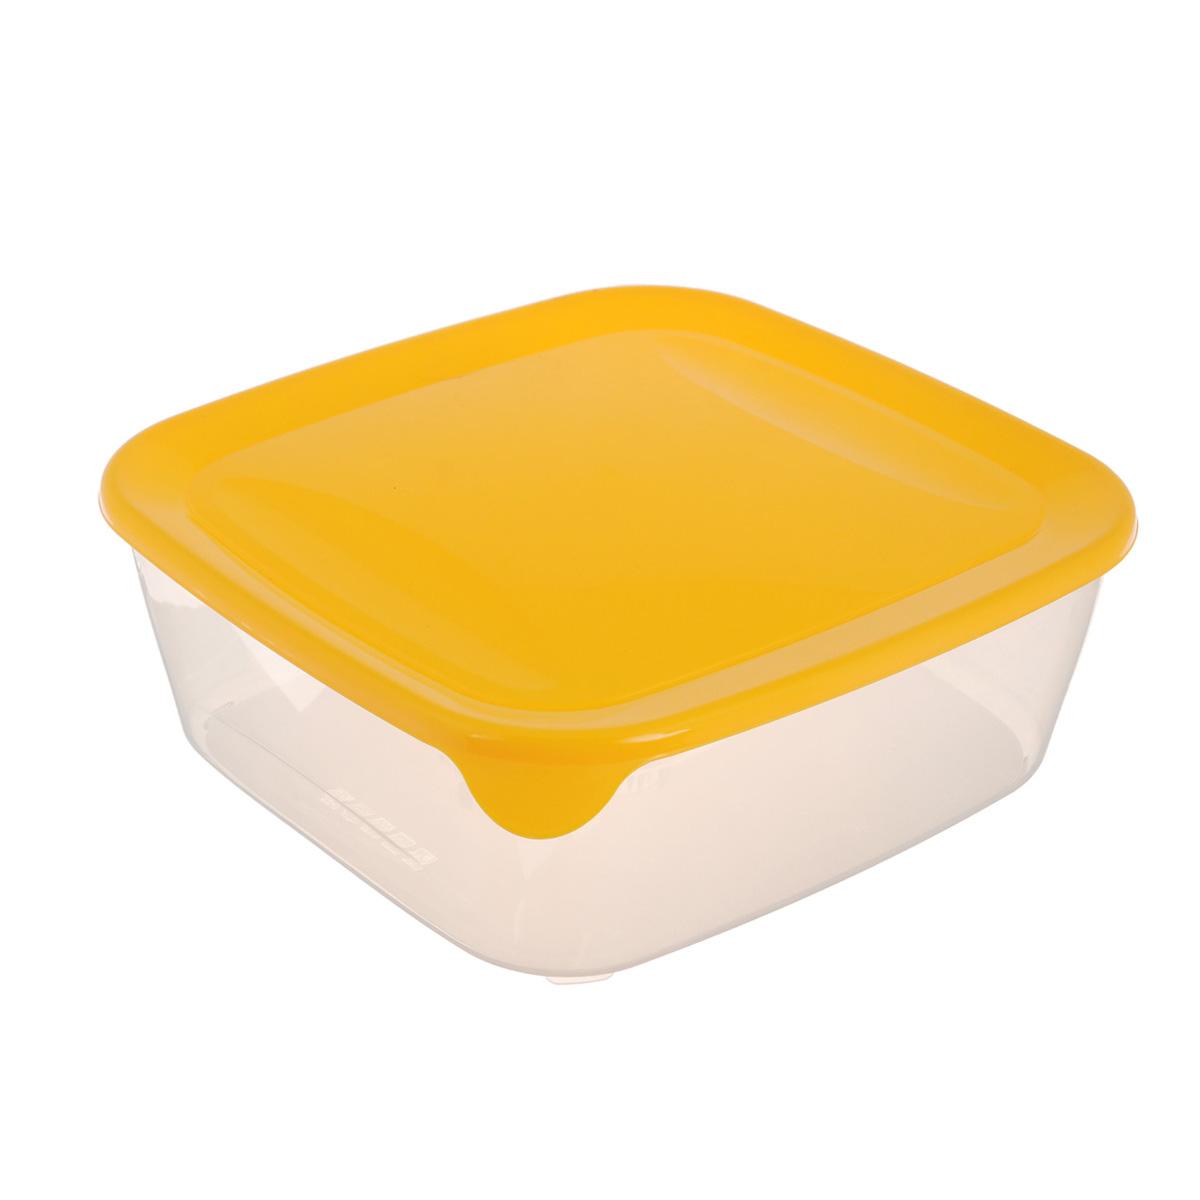 Емкость для заморозки и СВЧ Curver Fresh & Go, цвет: желтый, 0,8 л00559-007-01Квадратная емкость для заморозки и СВЧ Curver изготовлена из высококачественного пищевого пластика (BPA free), который выдерживает температуру от -40°С до +100°С. Стенки емкости прозрачные, а крышка цветная. Она плотно закрывается, дольше сохраняя продукты свежими и вкусными. Емкость удобно брать с собой на работу, учебу, пикник или просто использовать для хранения пищи в холодильнике. Можно использовать в микроволновой печи и для заморозки в морозильной камере. Можно мыть в посудомоечной машине.